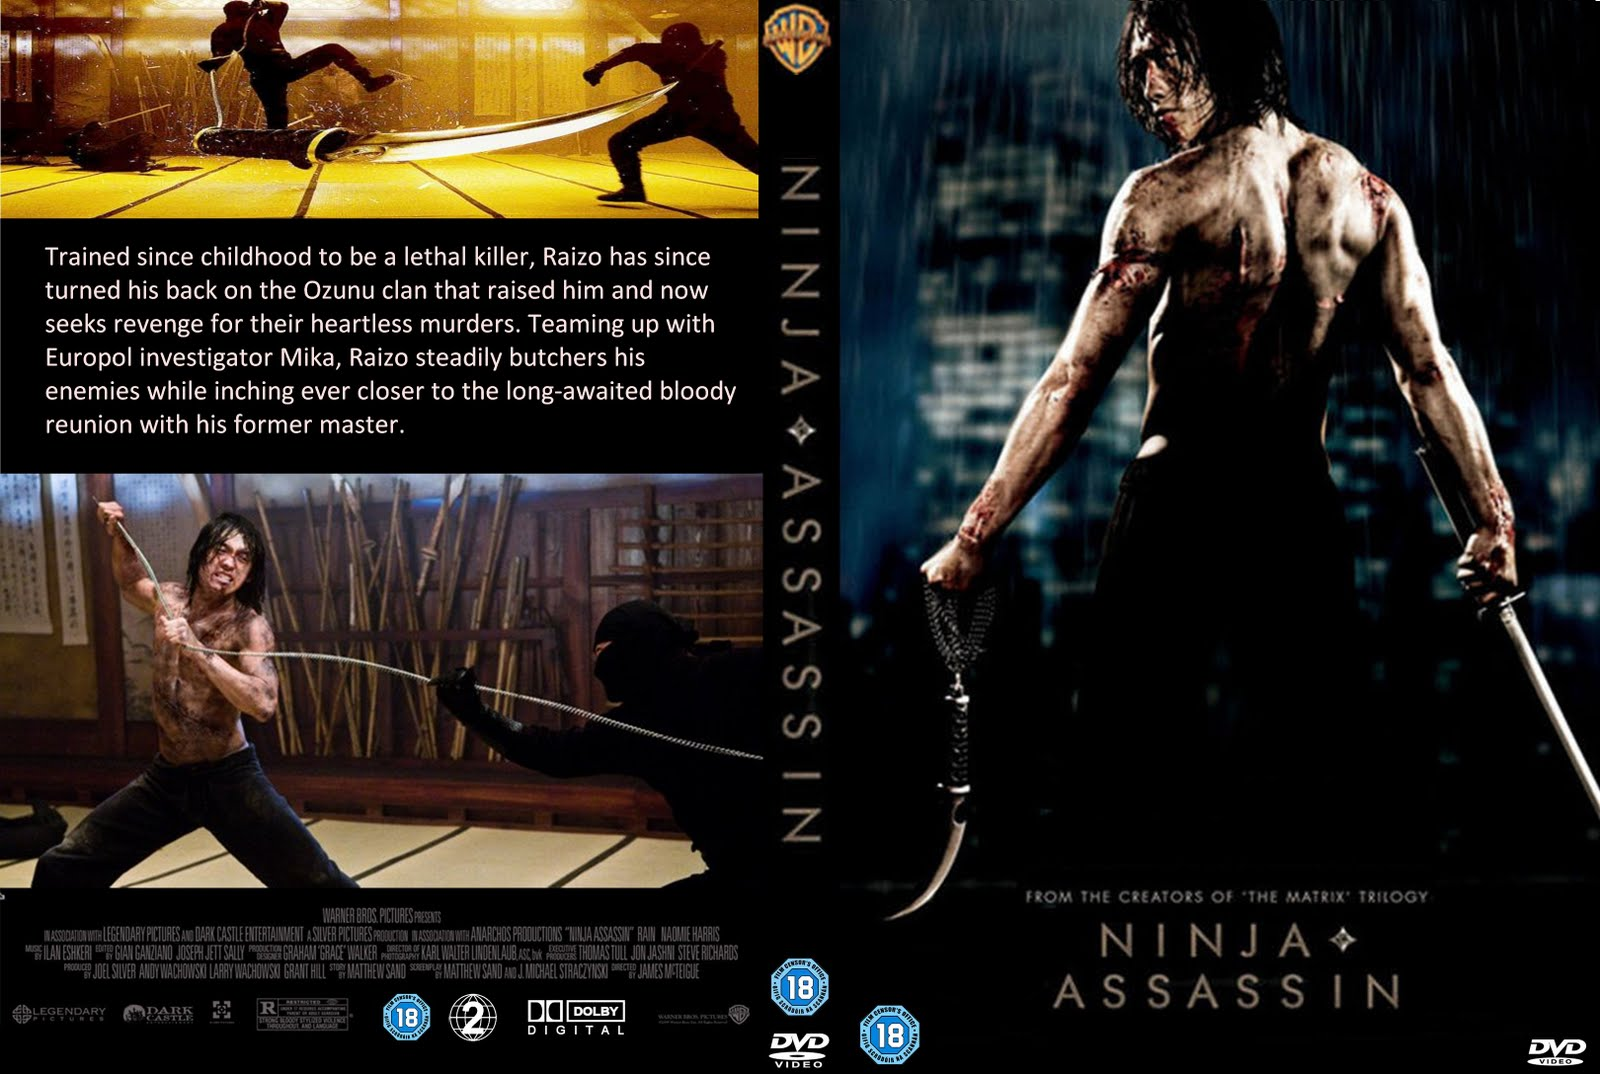 http://3.bp.blogspot.com/-mgLOEqryGVQ/TaQzzP4kw4I/AAAAAAAAKWs/VXHB9GKB7lw/s1600/ninja_assassin_2010_custom_dvd-front.jpg